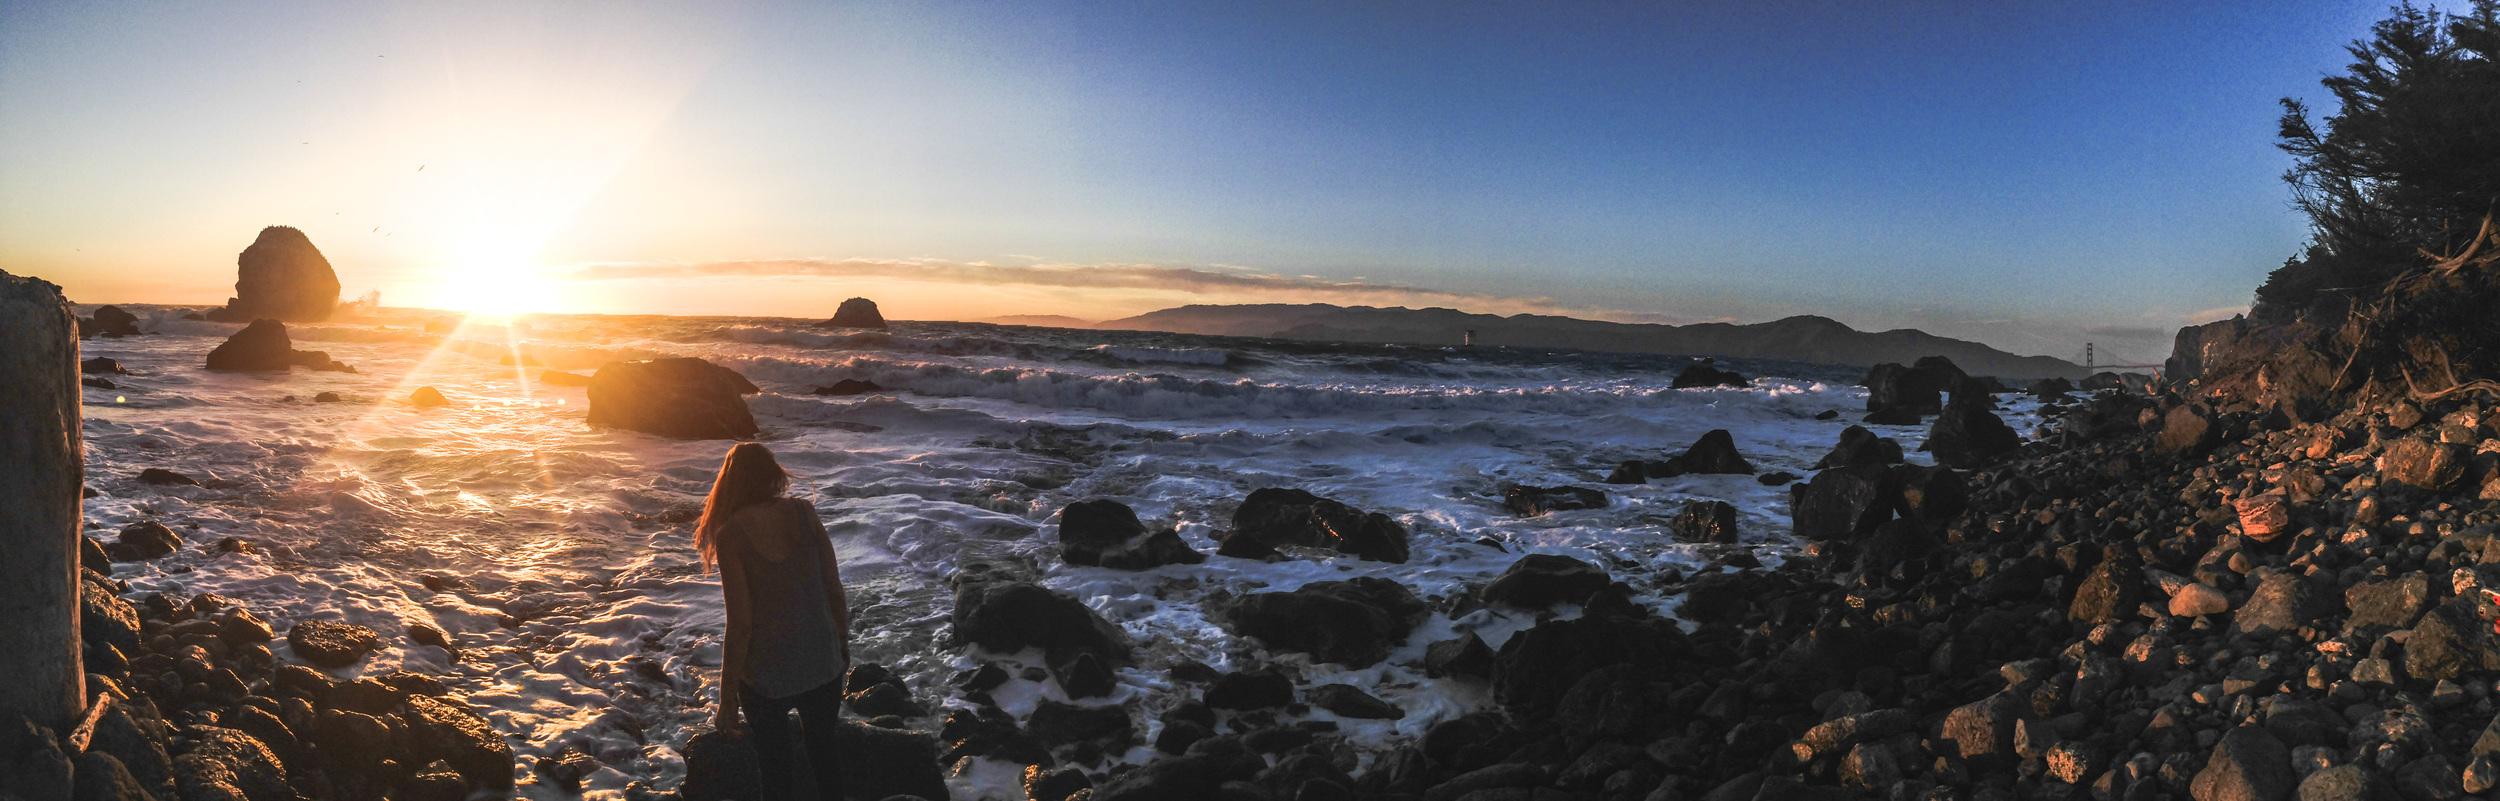 Lands End San Francisco California